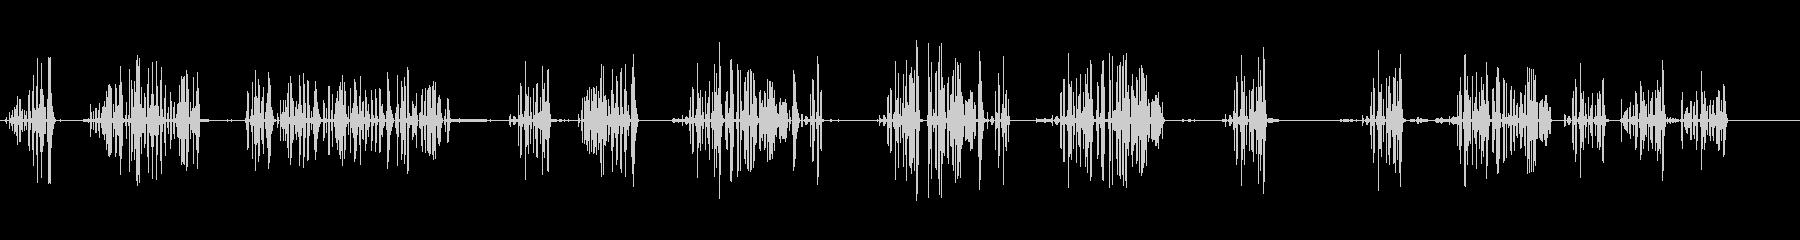 カデルネラの未再生の波形